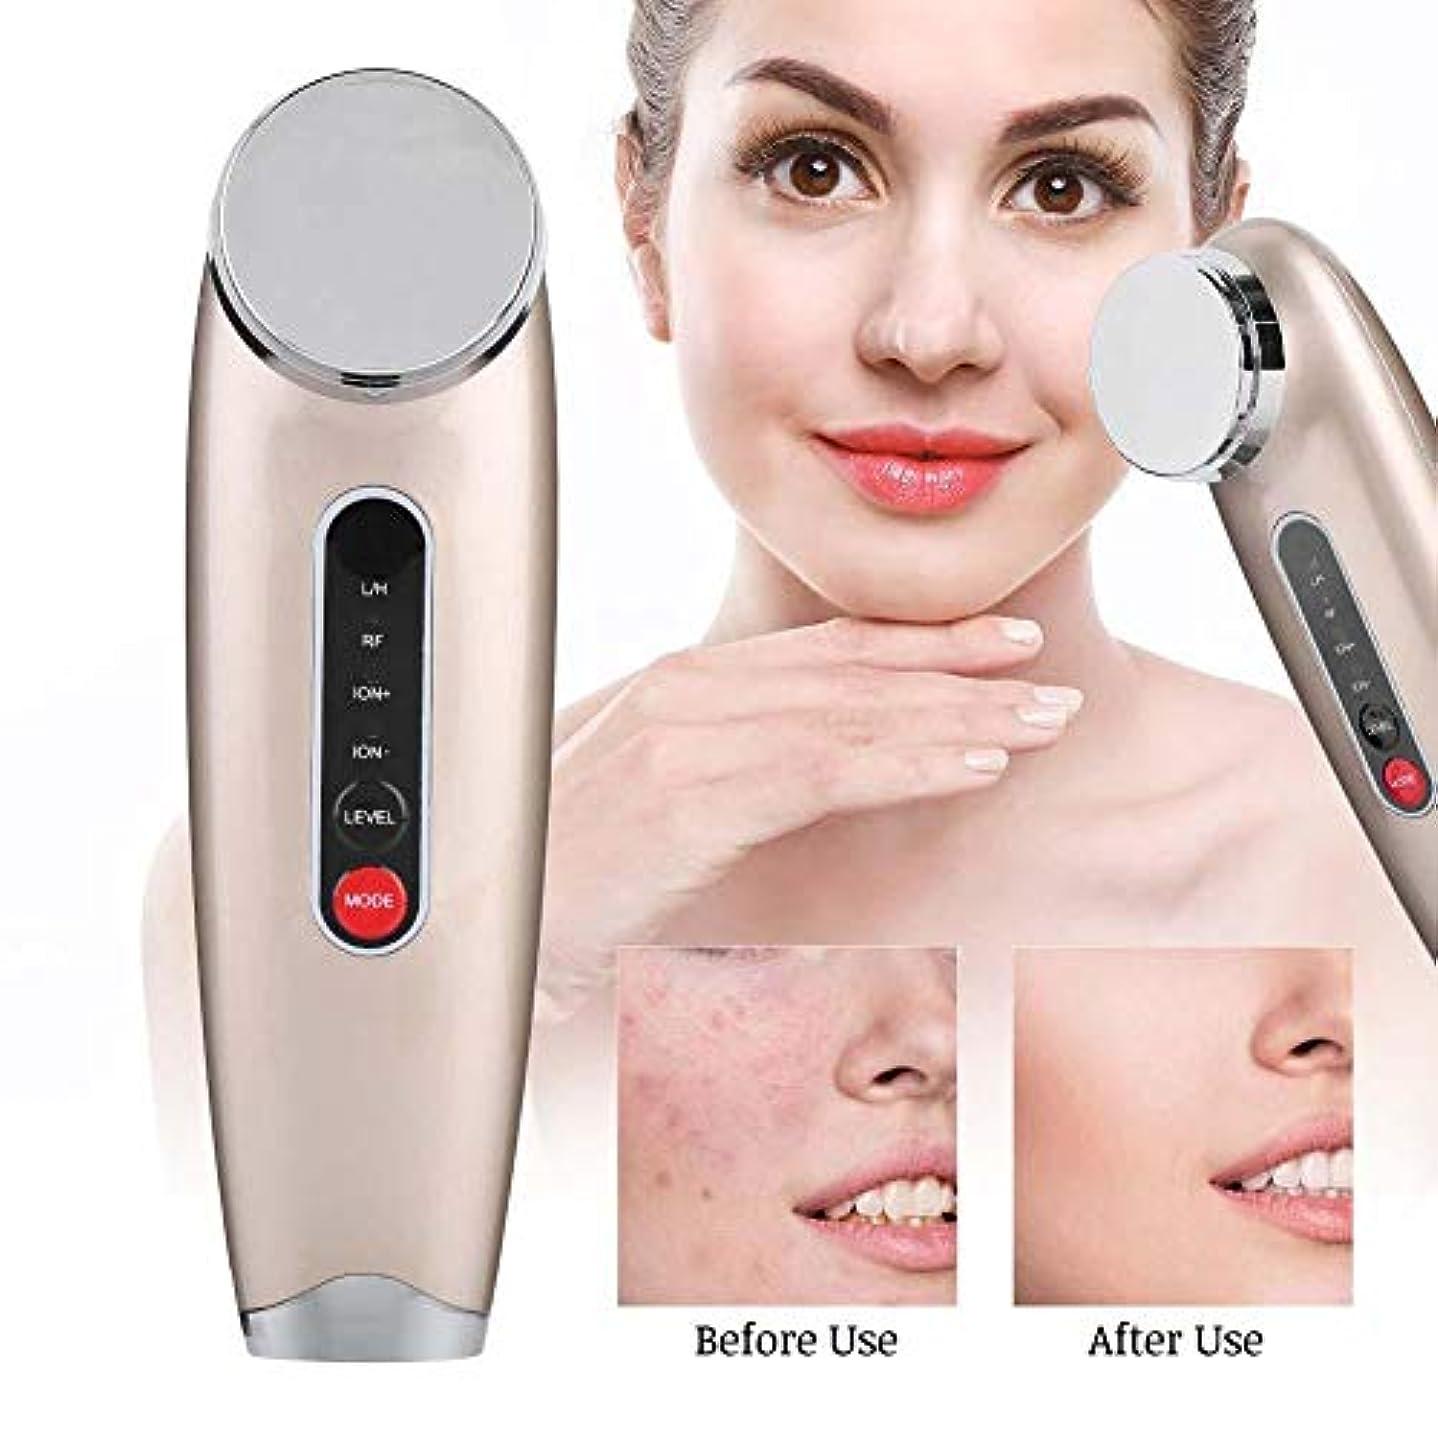 副関連付ける算術フェイシャルビューティーマシーン - しわ、スキンケア用品、洗顔料、フェイシャルリフトを引き締め、肌を若返らせるために毛穴を縮めます